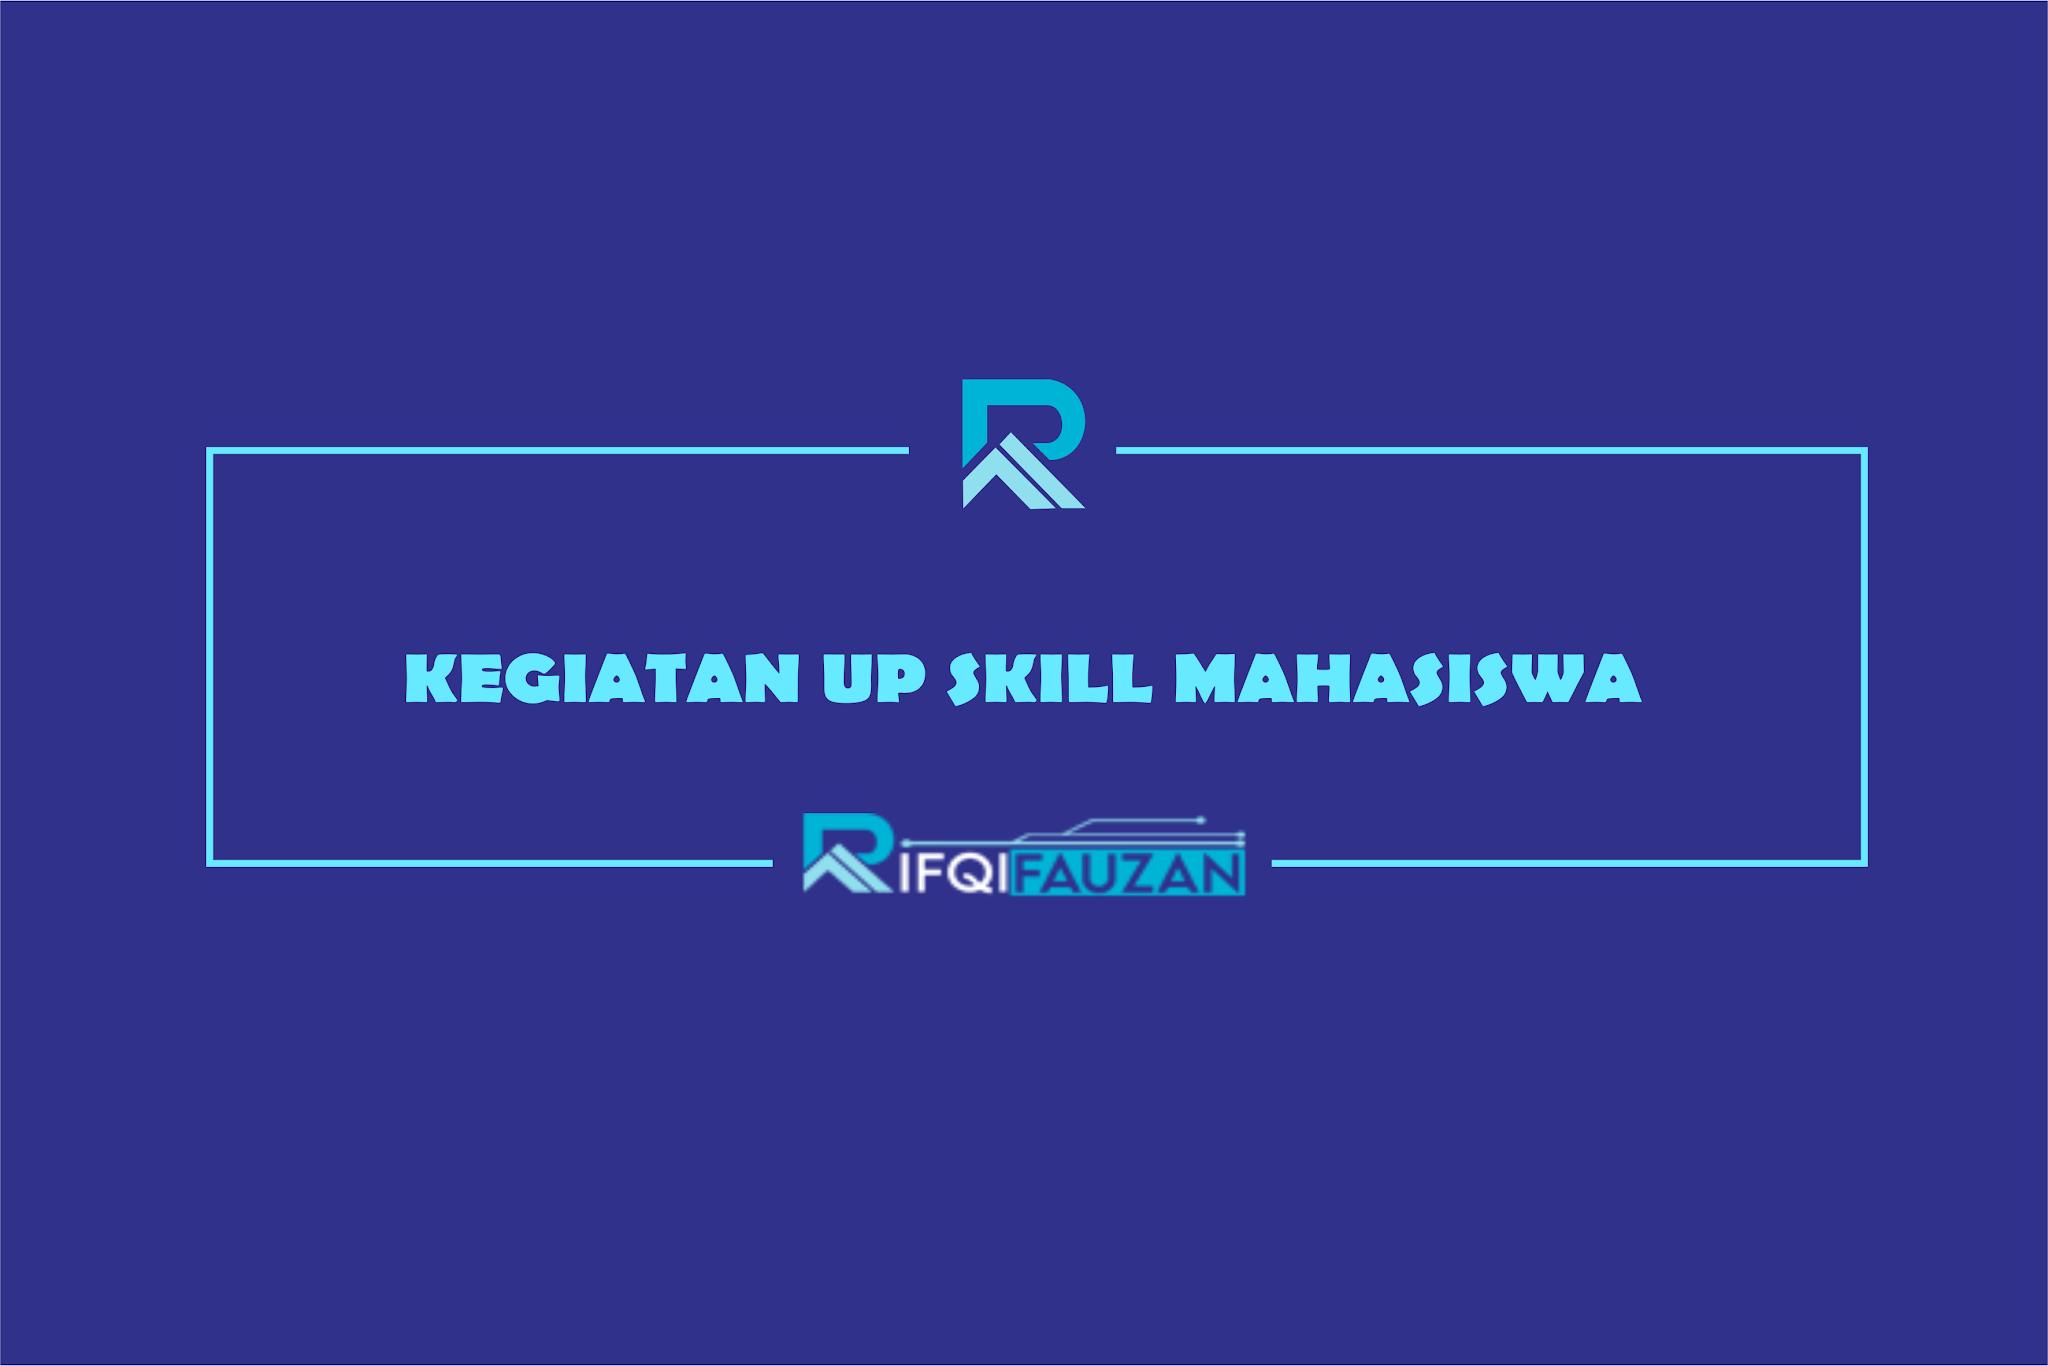 ALTERNATIF KEGIATAN MAHASISWA UNTUK MELATIH SKILL SELAMA STUDI